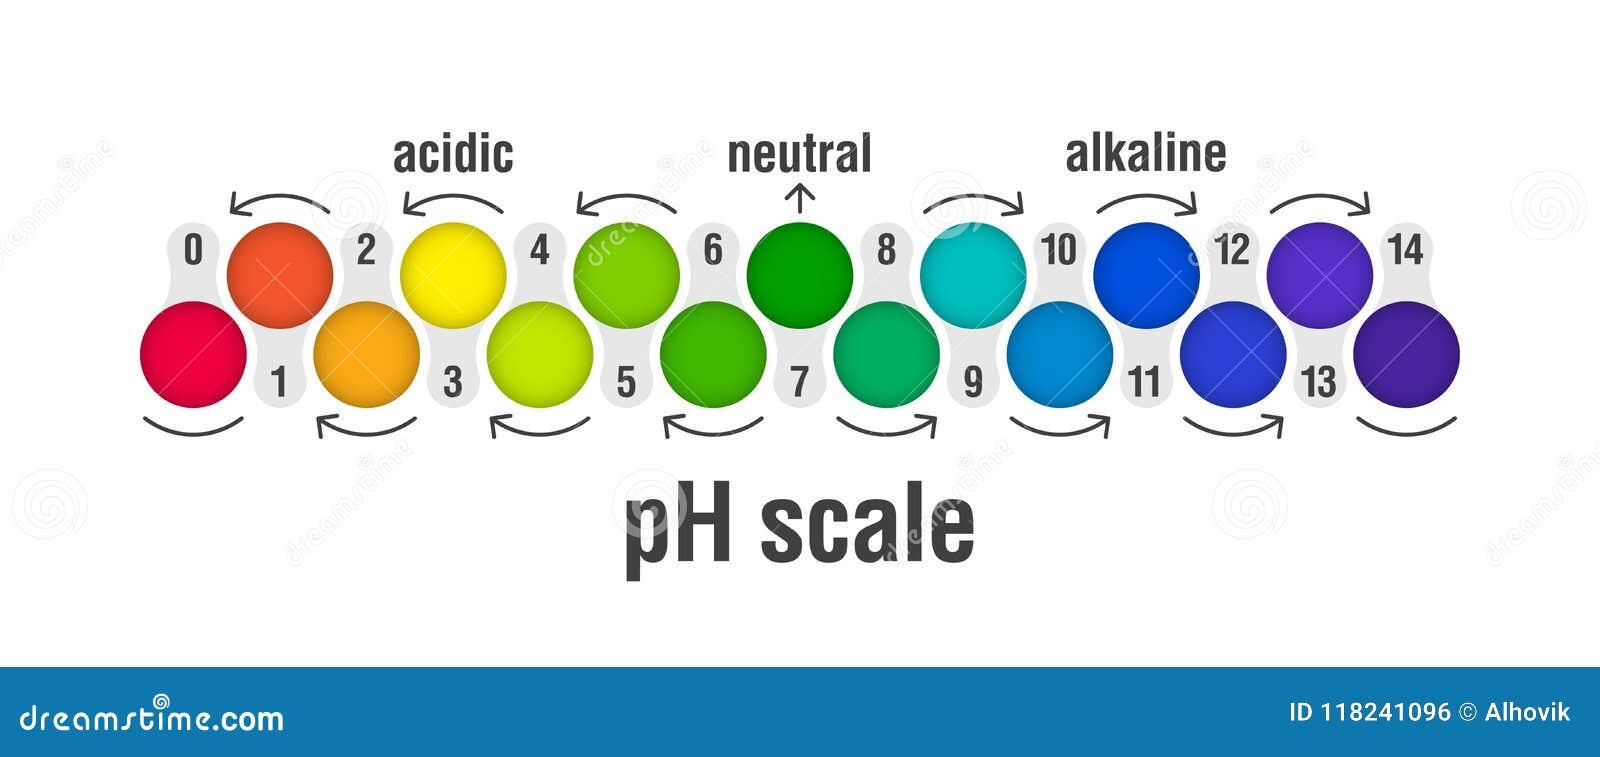 Carta da escala do valor de PH